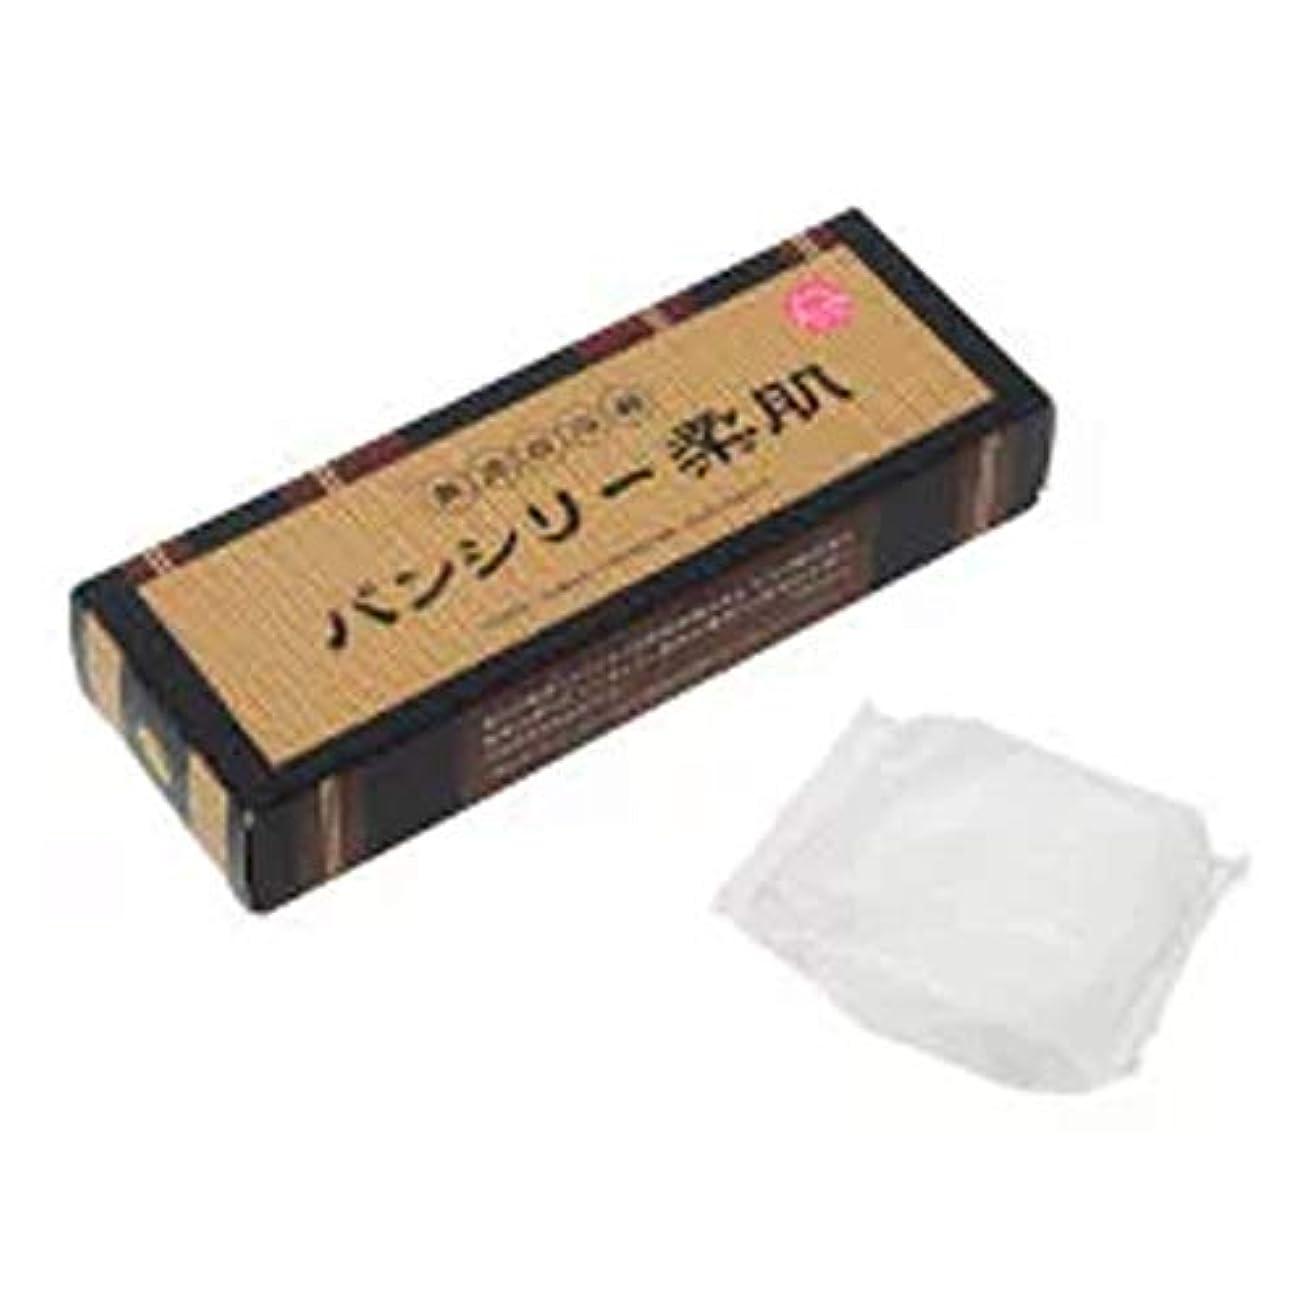 正気に管理しますパンシリー柔肌 60g×3個 石鹸 せっけん 渋柿 コンフリー コラーゲン ヒアルロン酸